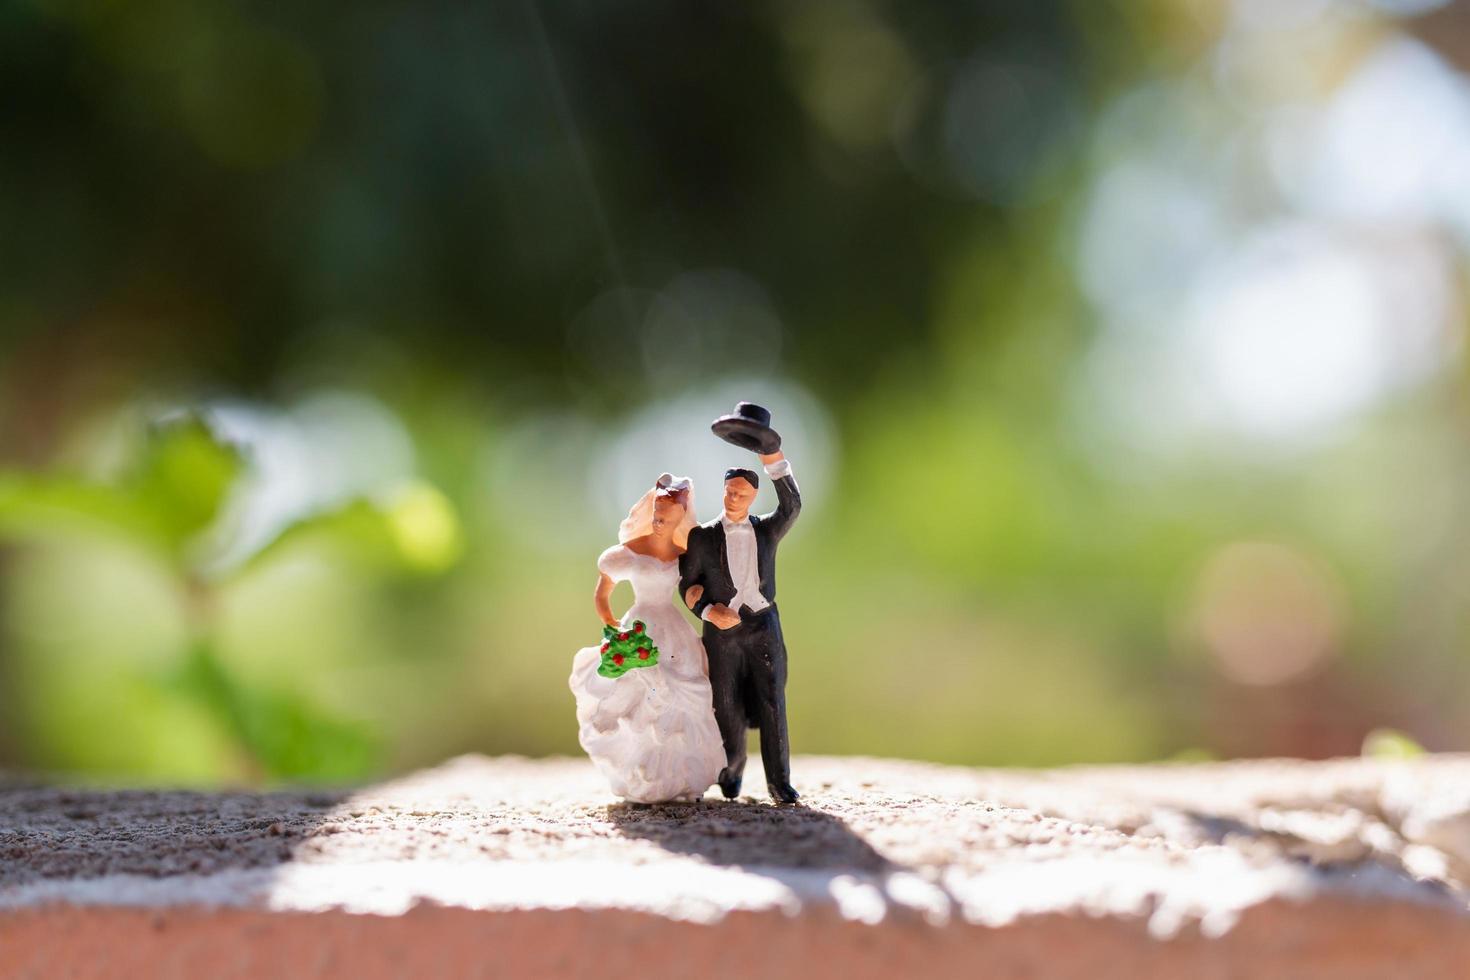 miniatuurpaar dat zich in het park bevindt foto